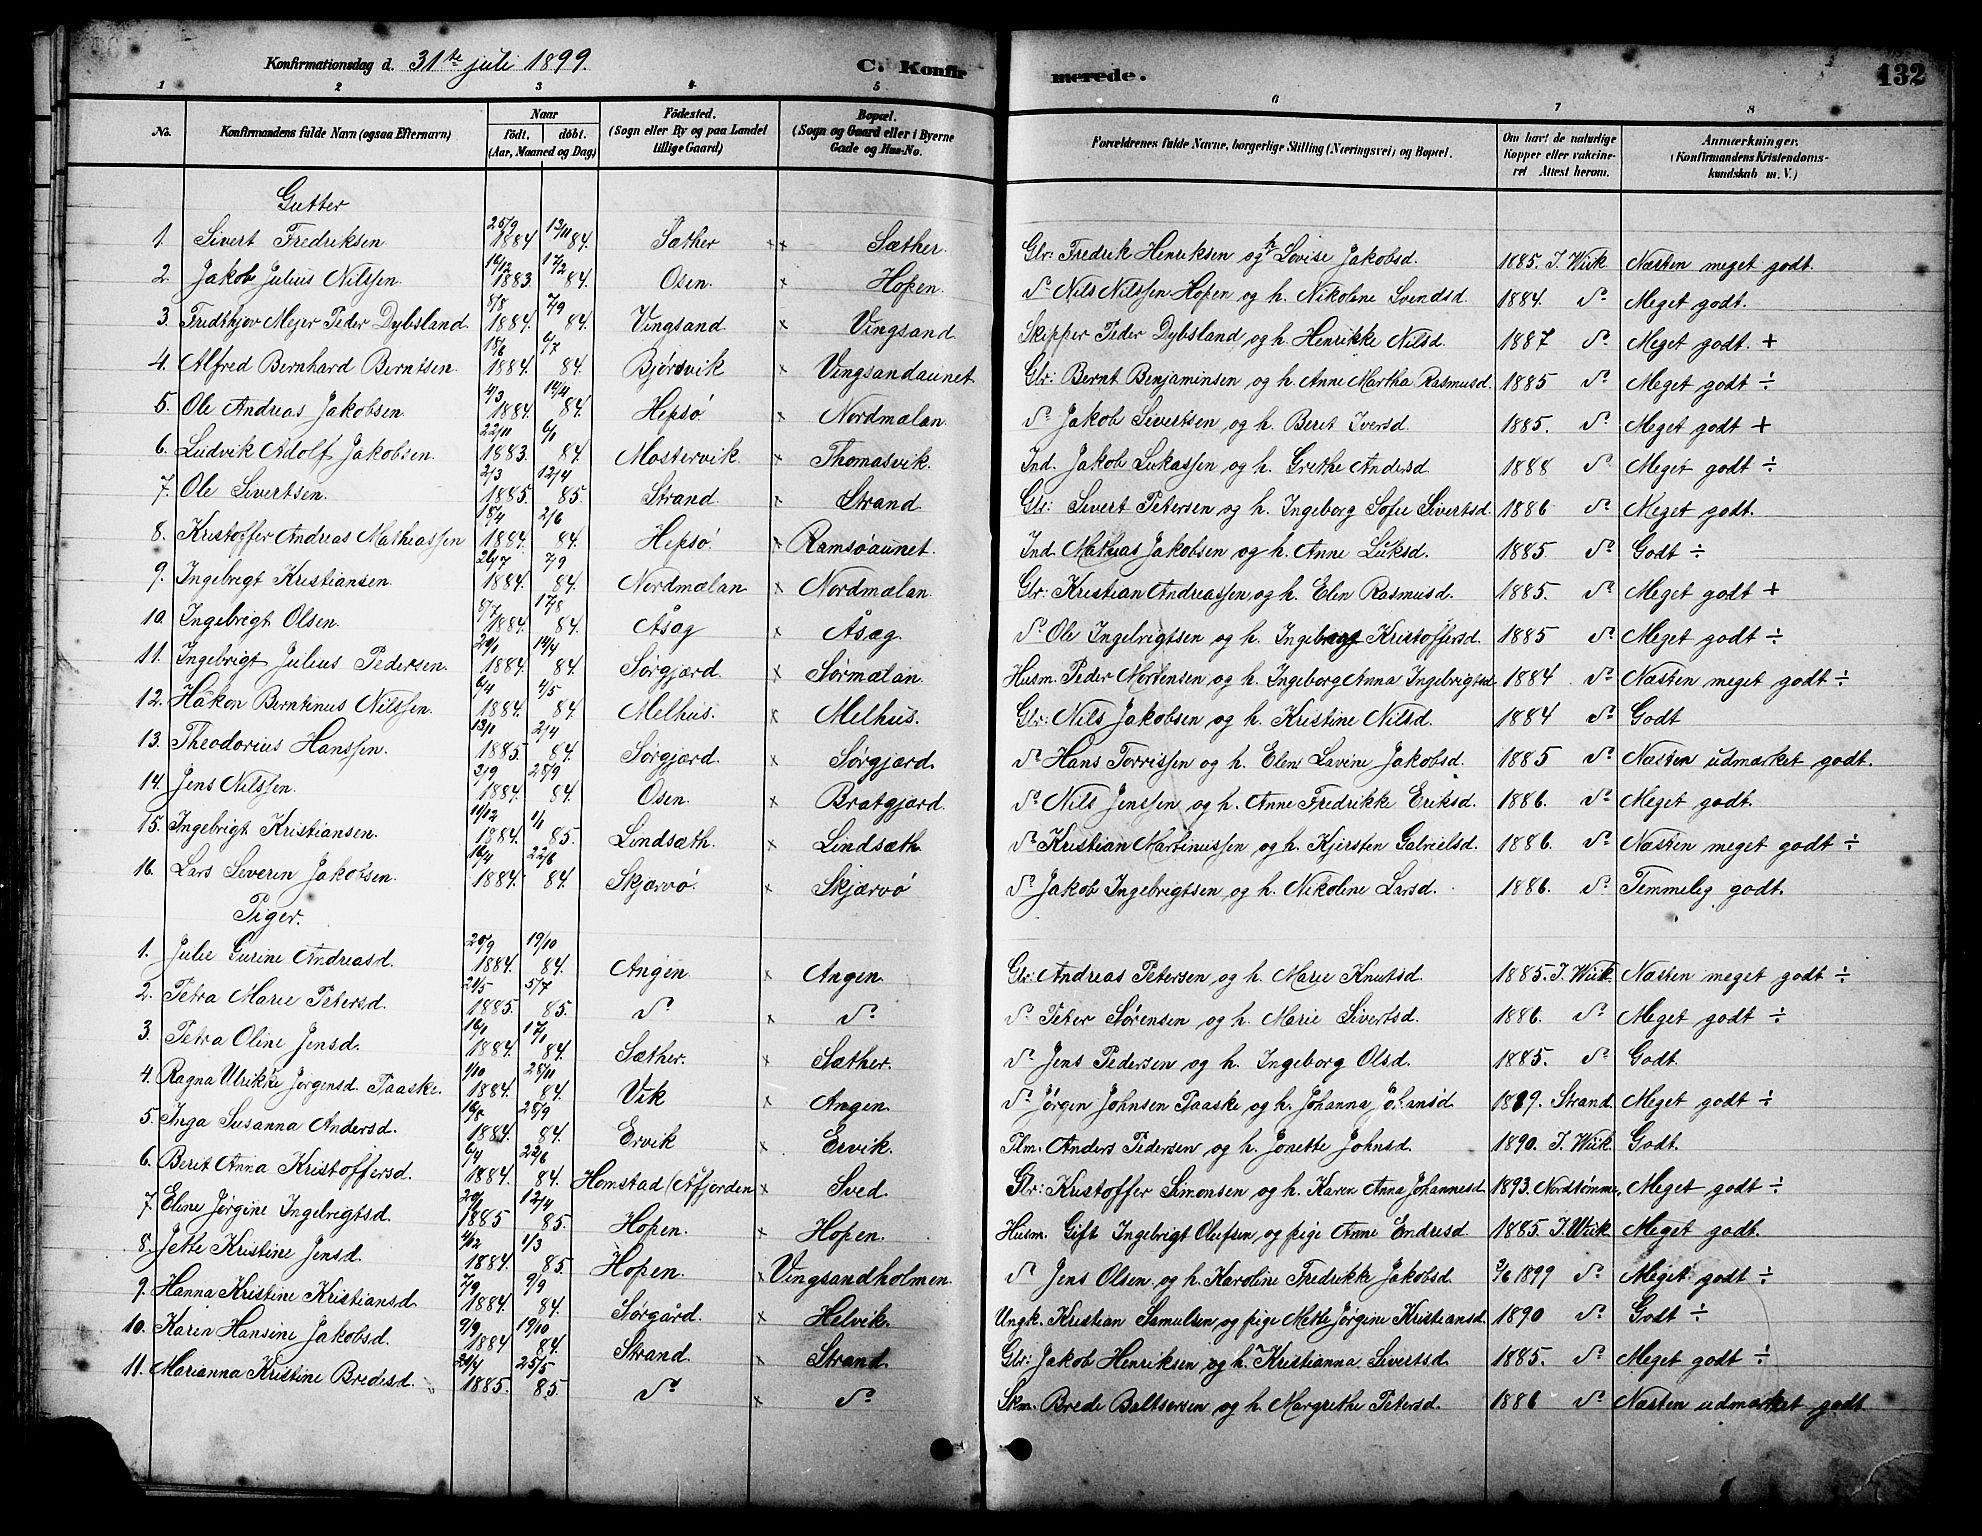 SAT, Ministerialprotokoller, klokkerbøker og fødselsregistre - Sør-Trøndelag, 658/L0726: Klokkerbok nr. 658C02, 1883-1908, s. 132